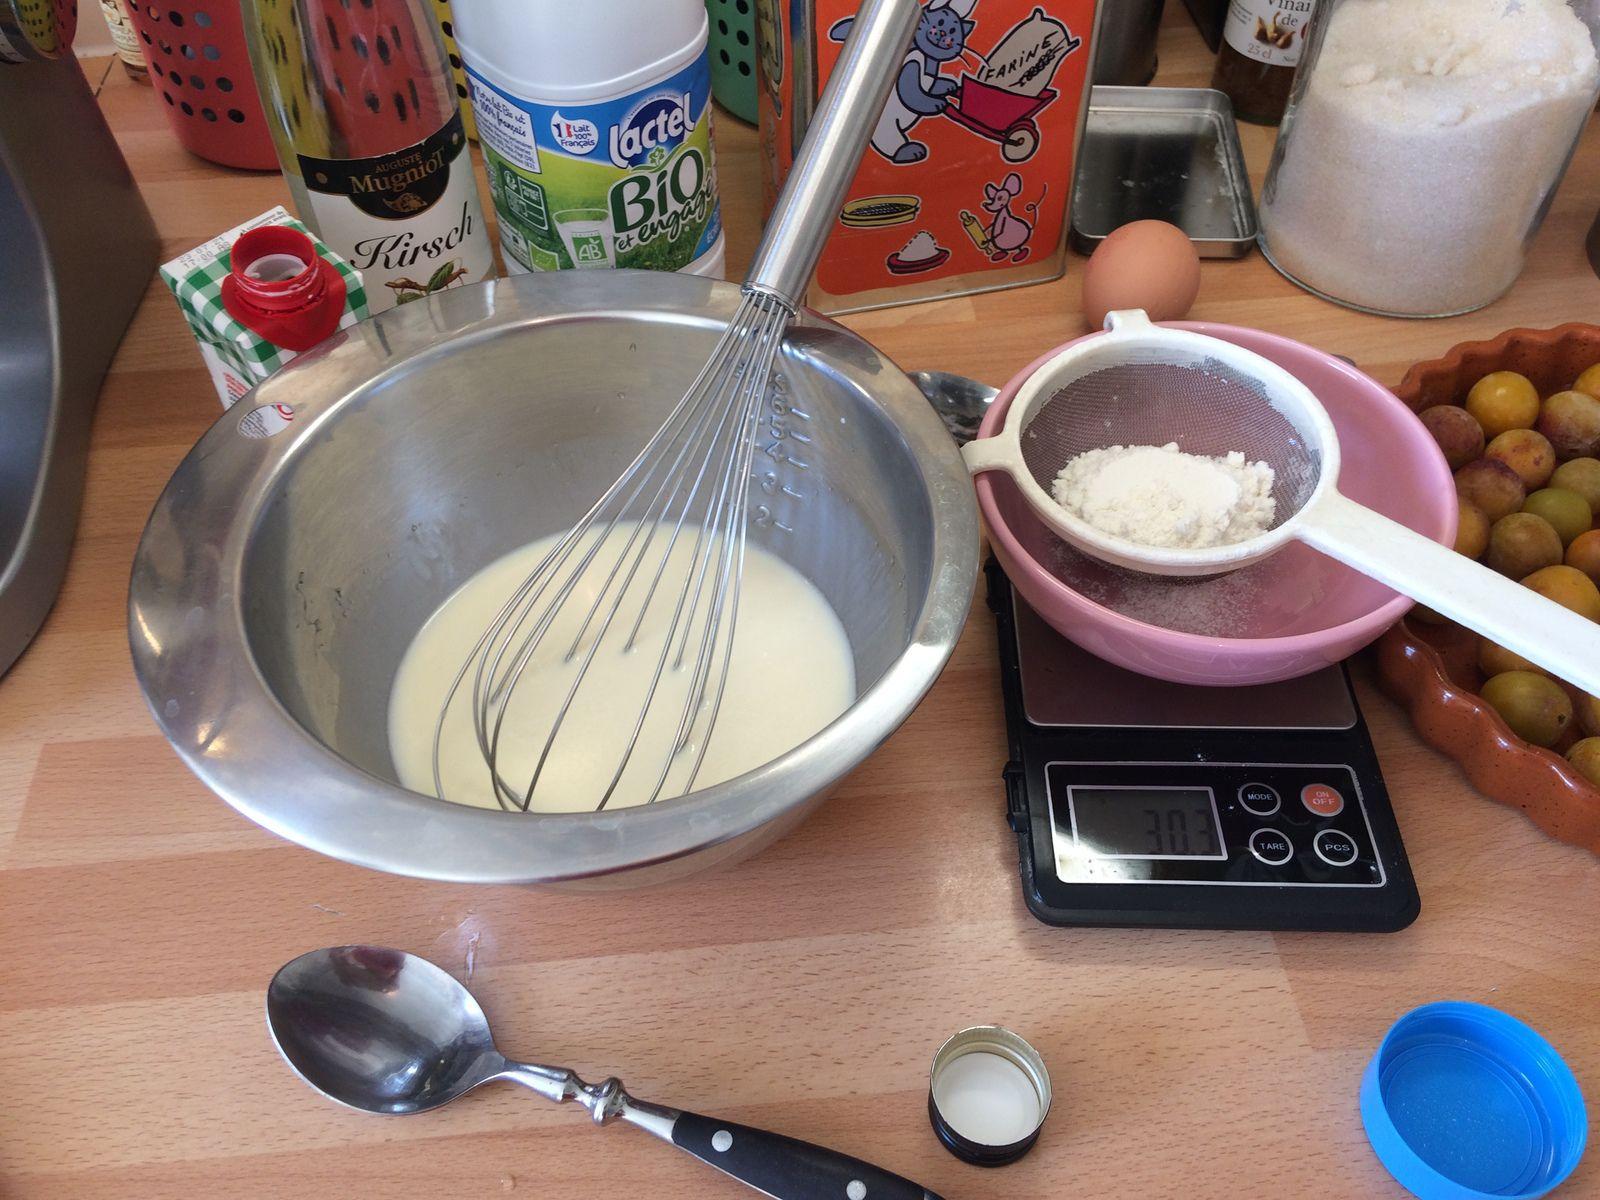 Vu que j'ai pris un moule très plat, j'ai décidé de faire la moitié de ma quantité habituelle - et pour cette fois j'ai commencé par l'oeuf et les liquides, mais d'ordinaire j'ajoute l'oeuf et les liquides à la farine et au sucre.